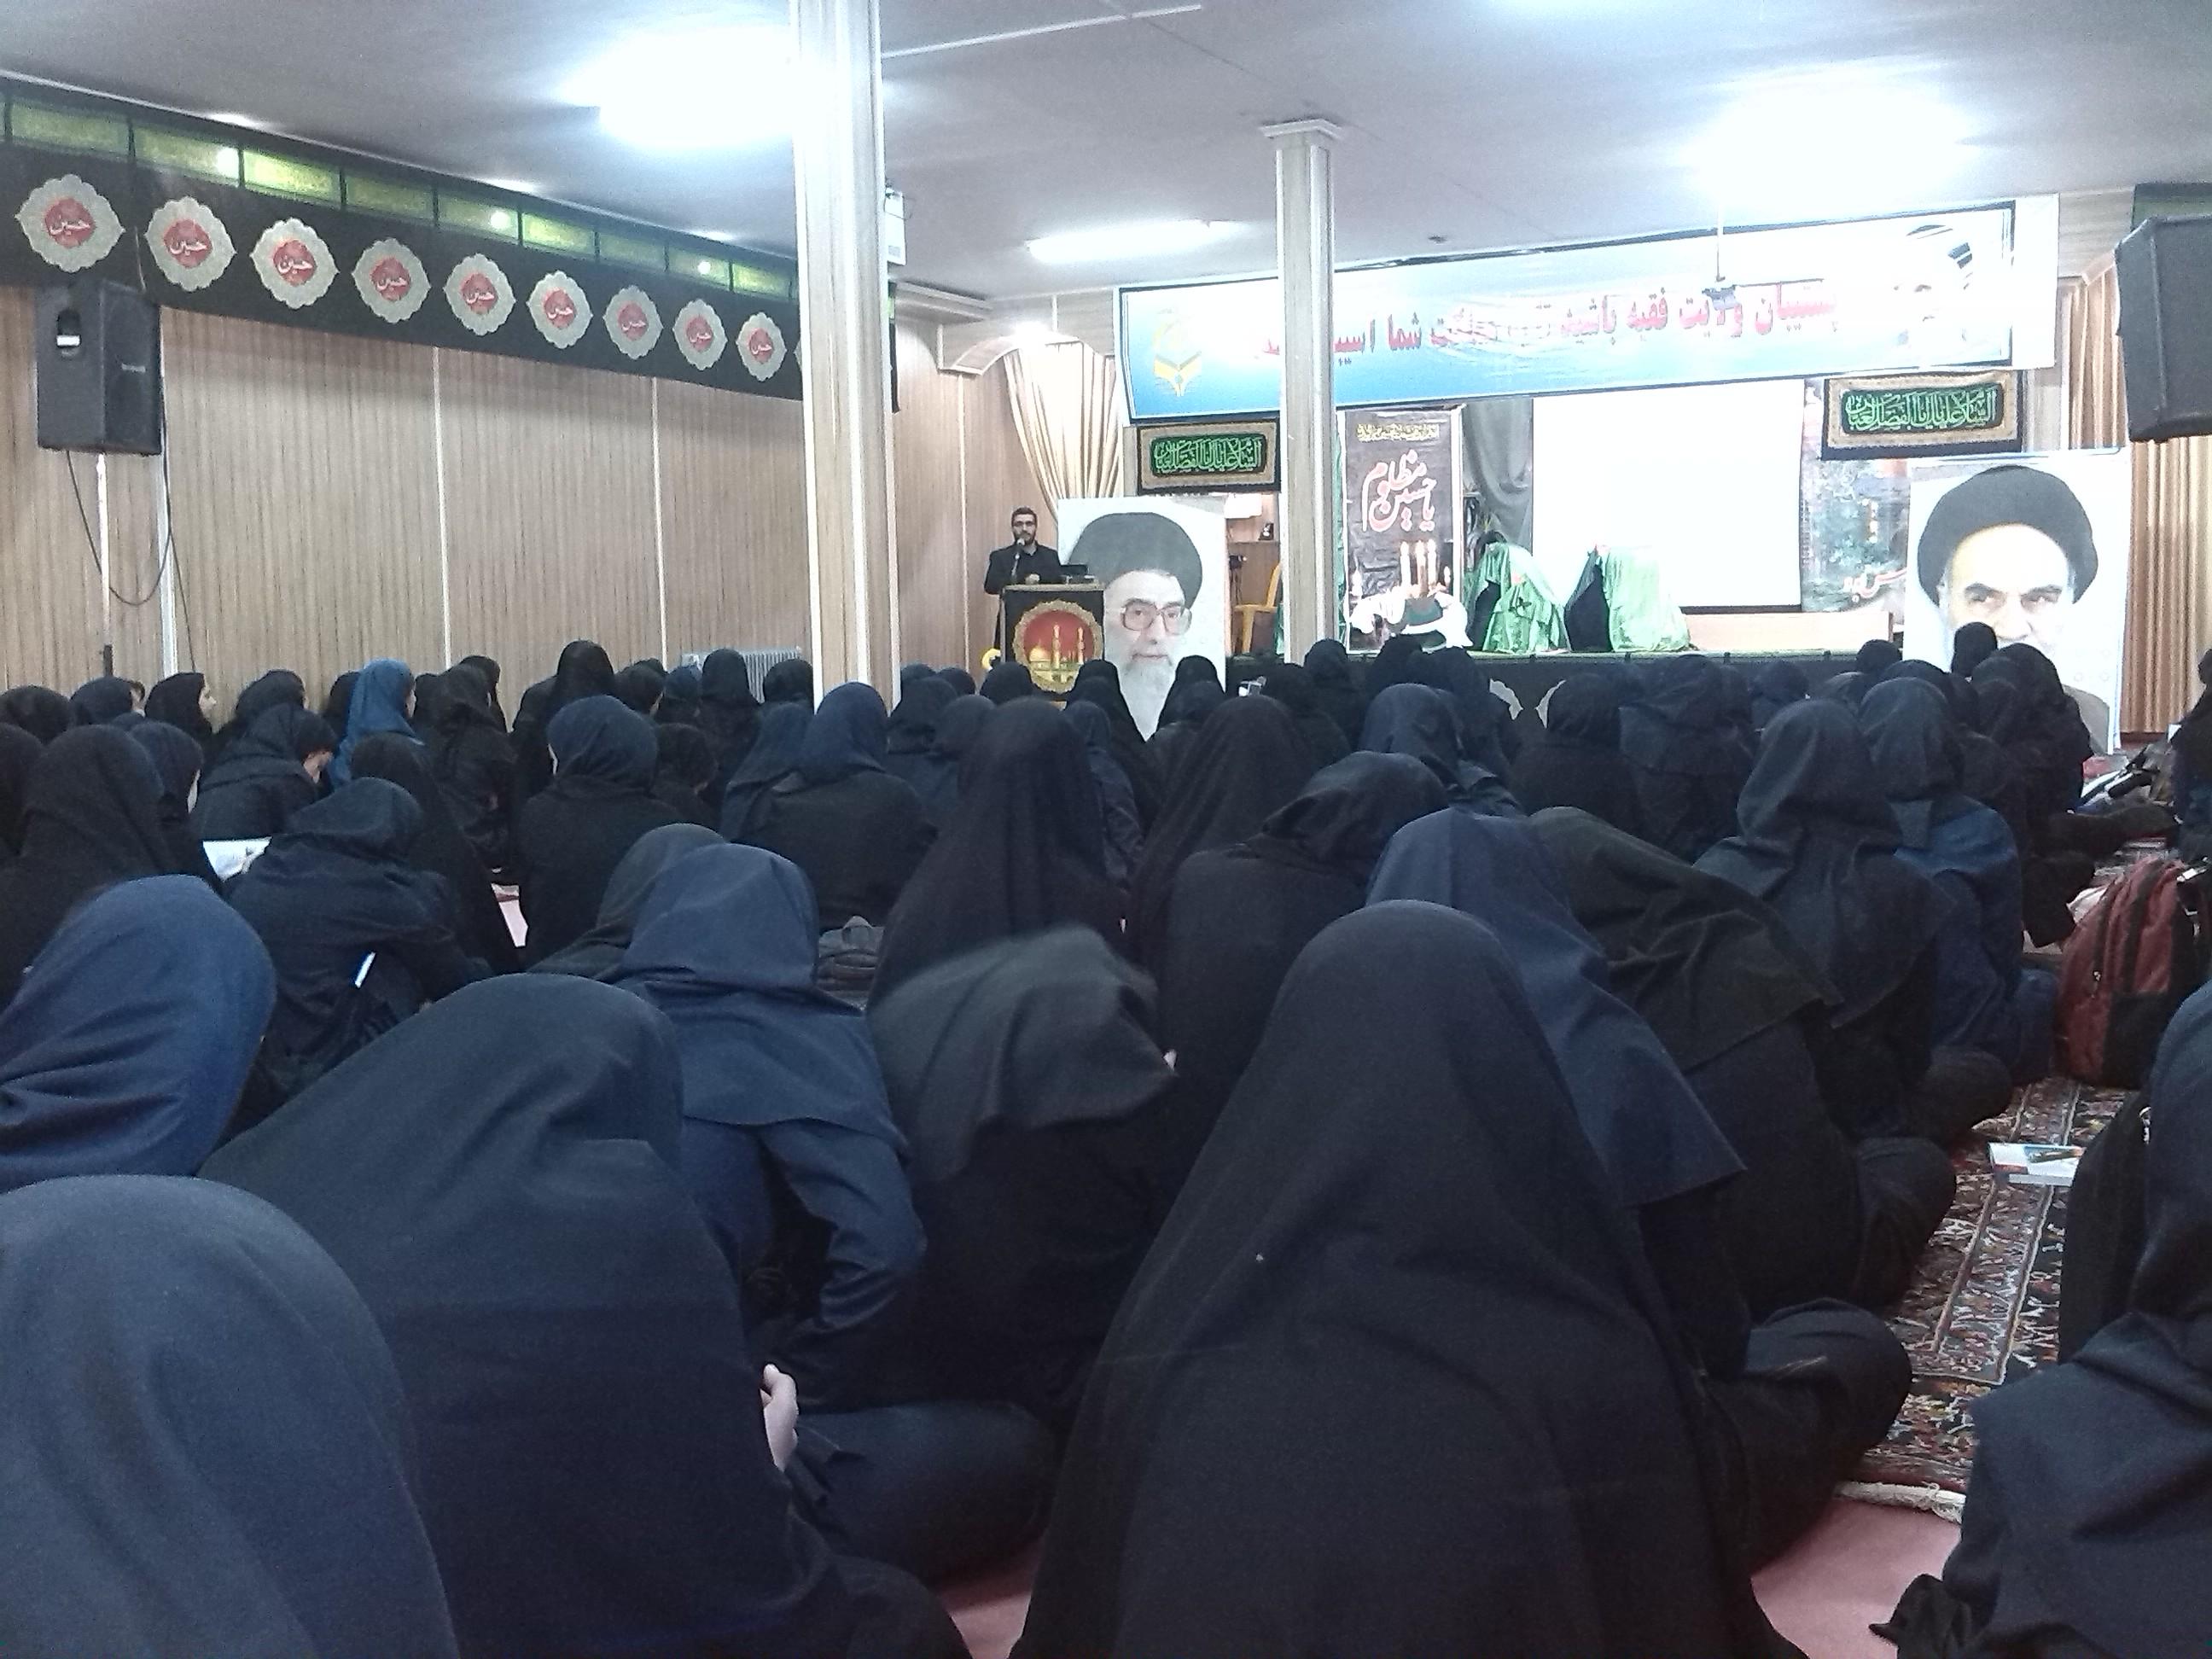 برگزاری دوره مبانی سواد فضای مجازی در راهنمایی امام حسین(ع) بیرجند